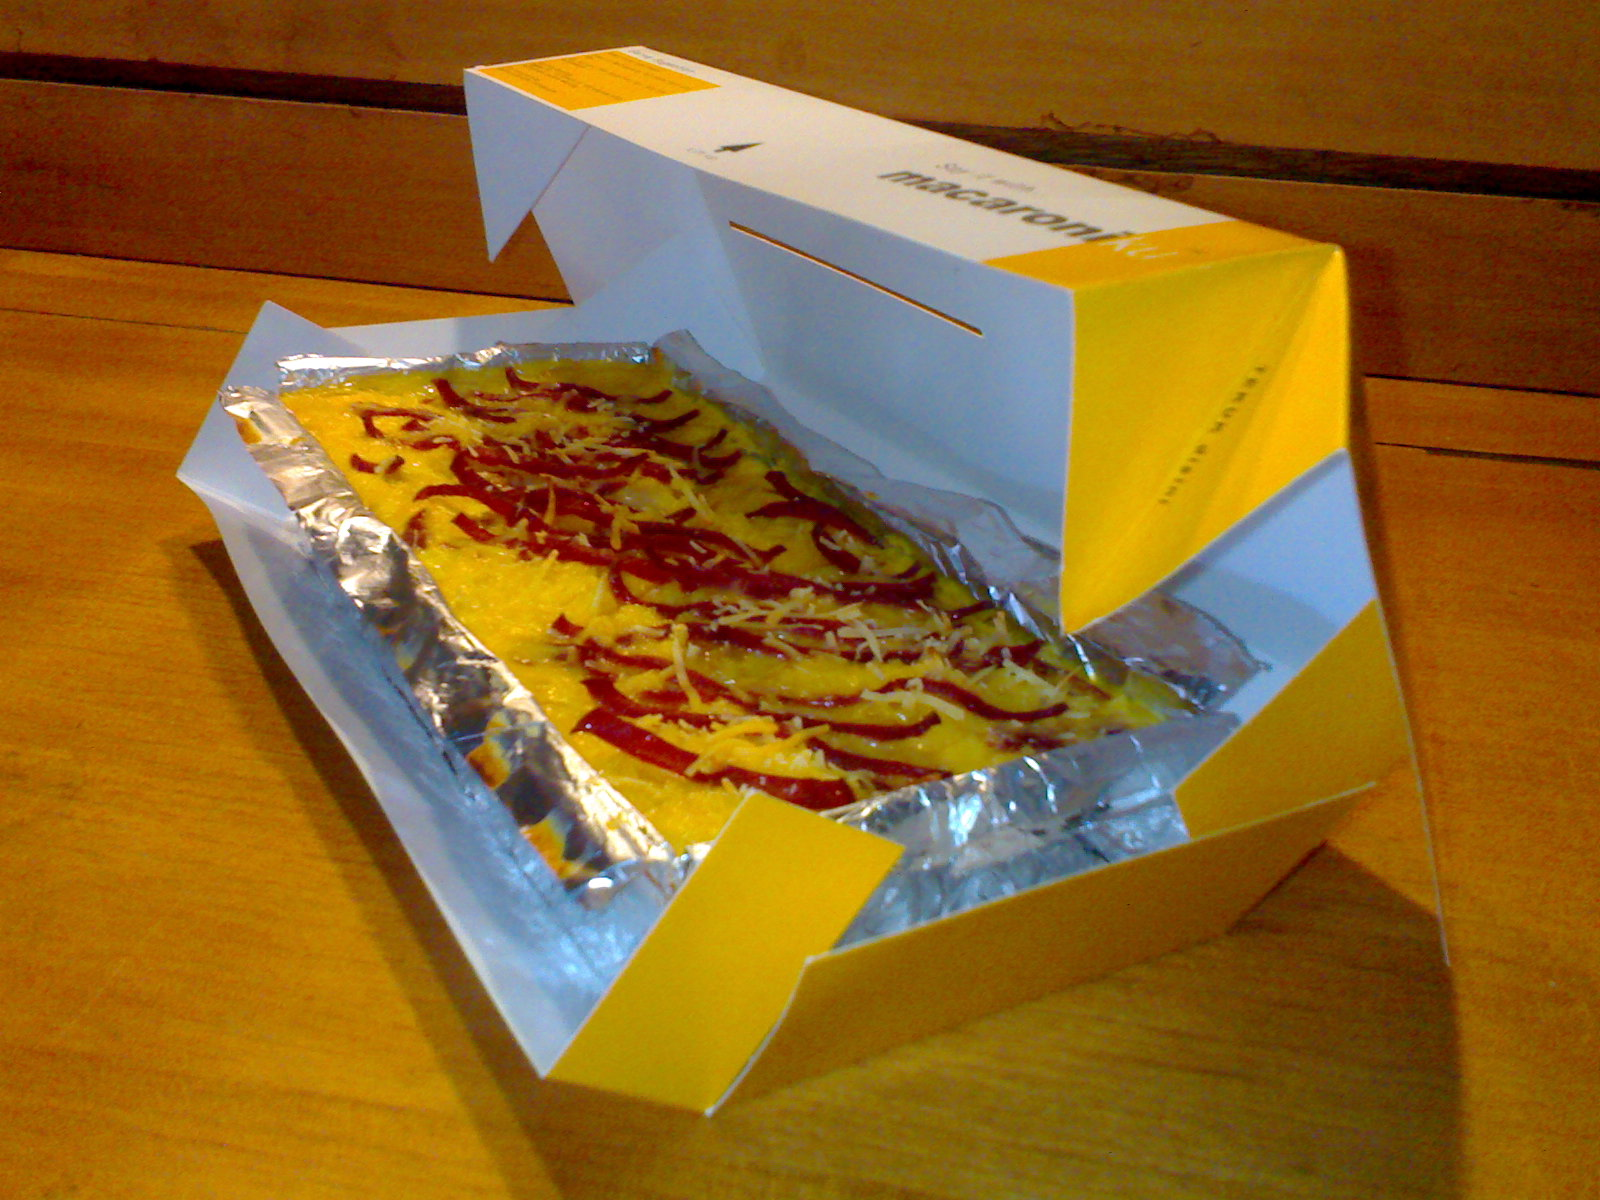 Macaroniku in The Box